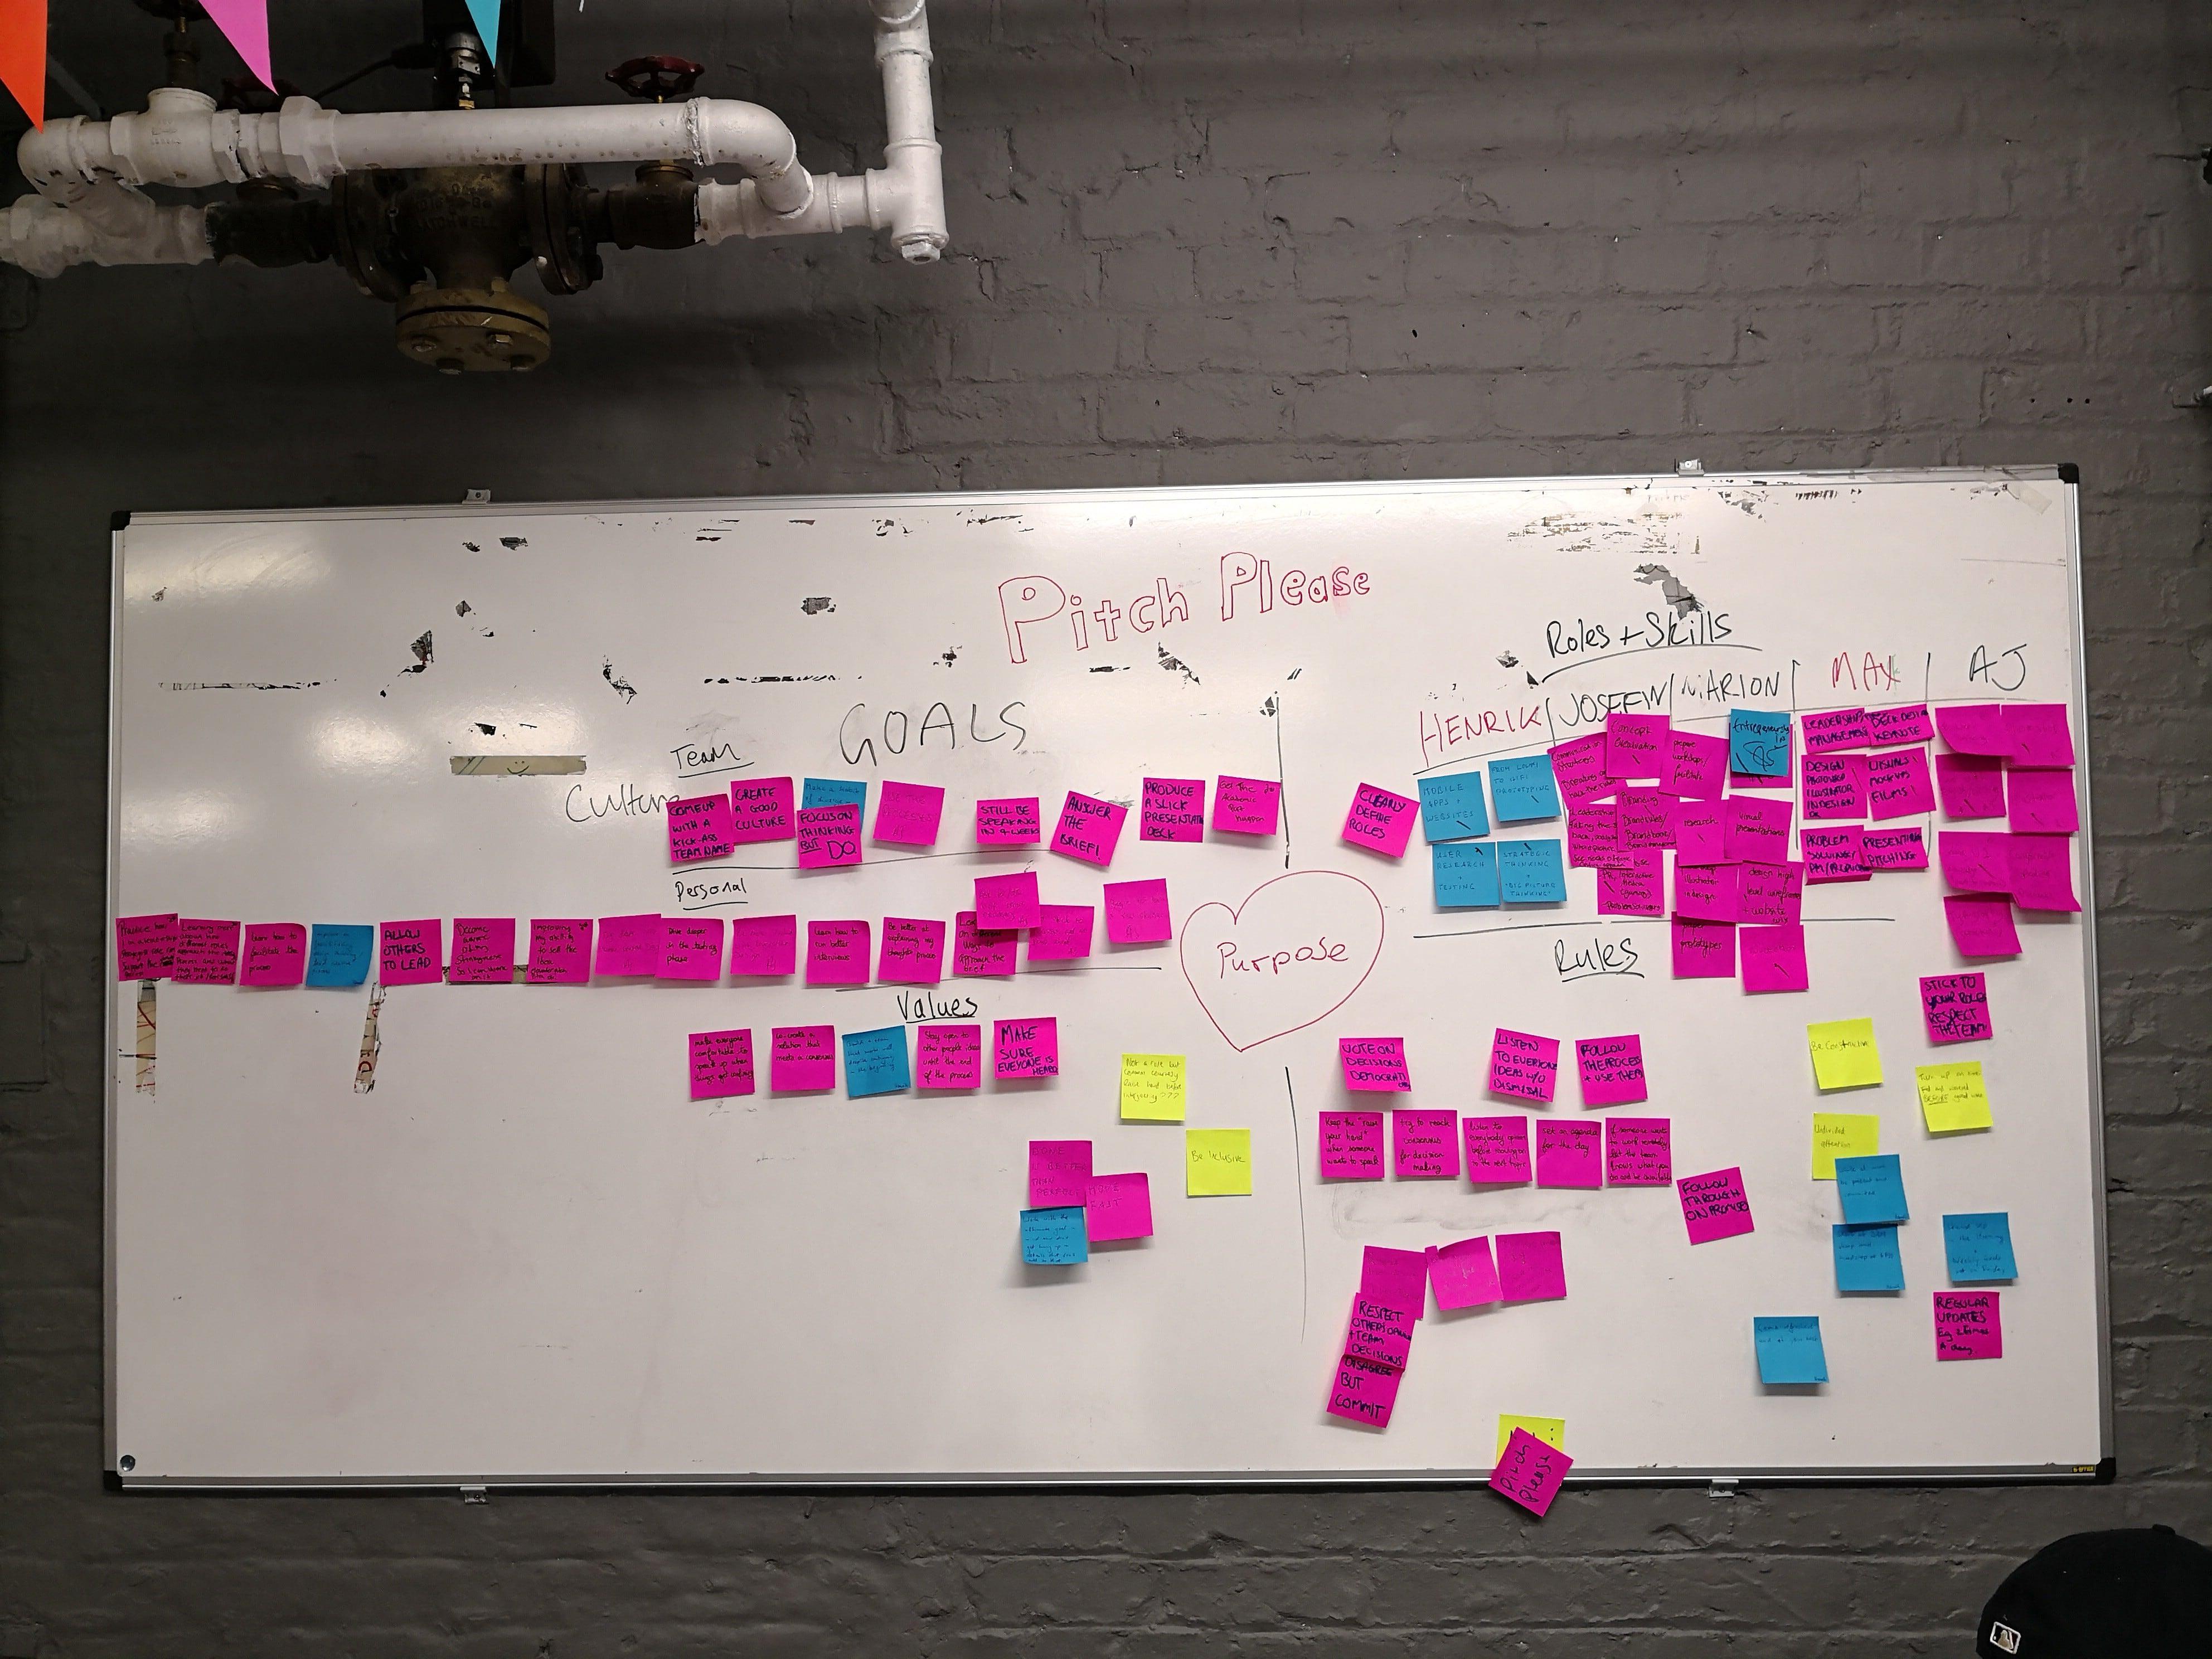 اجرای تفکر طراحی در نوآوری اجتماعی